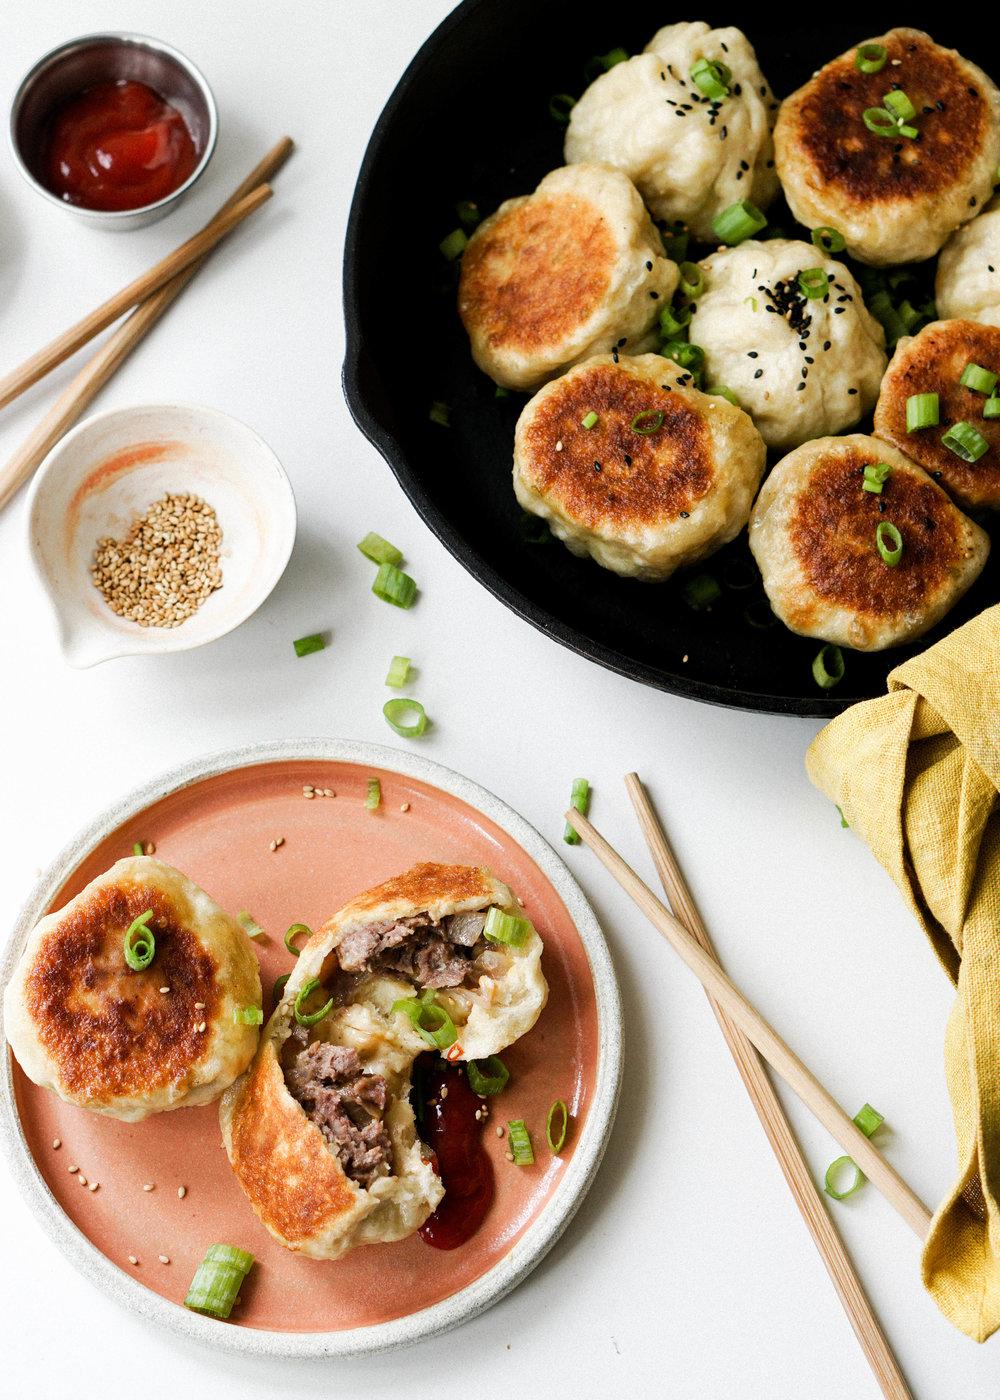 Cheeseburger Shen Jian Bao